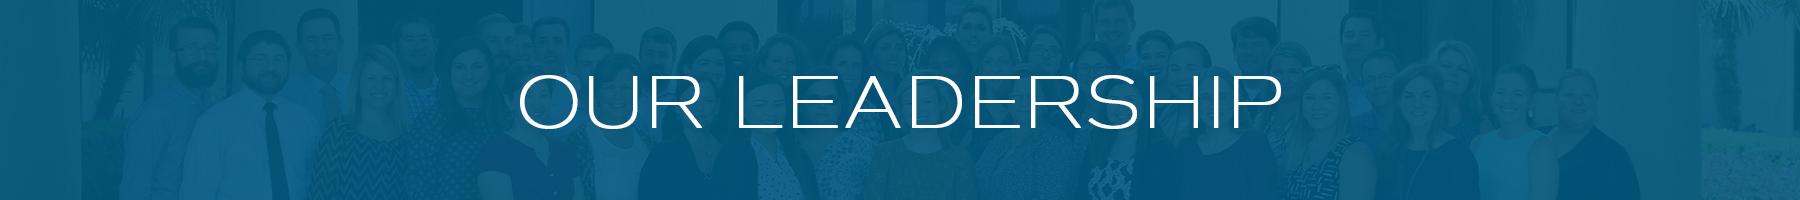 headers_ourleadership.jpg